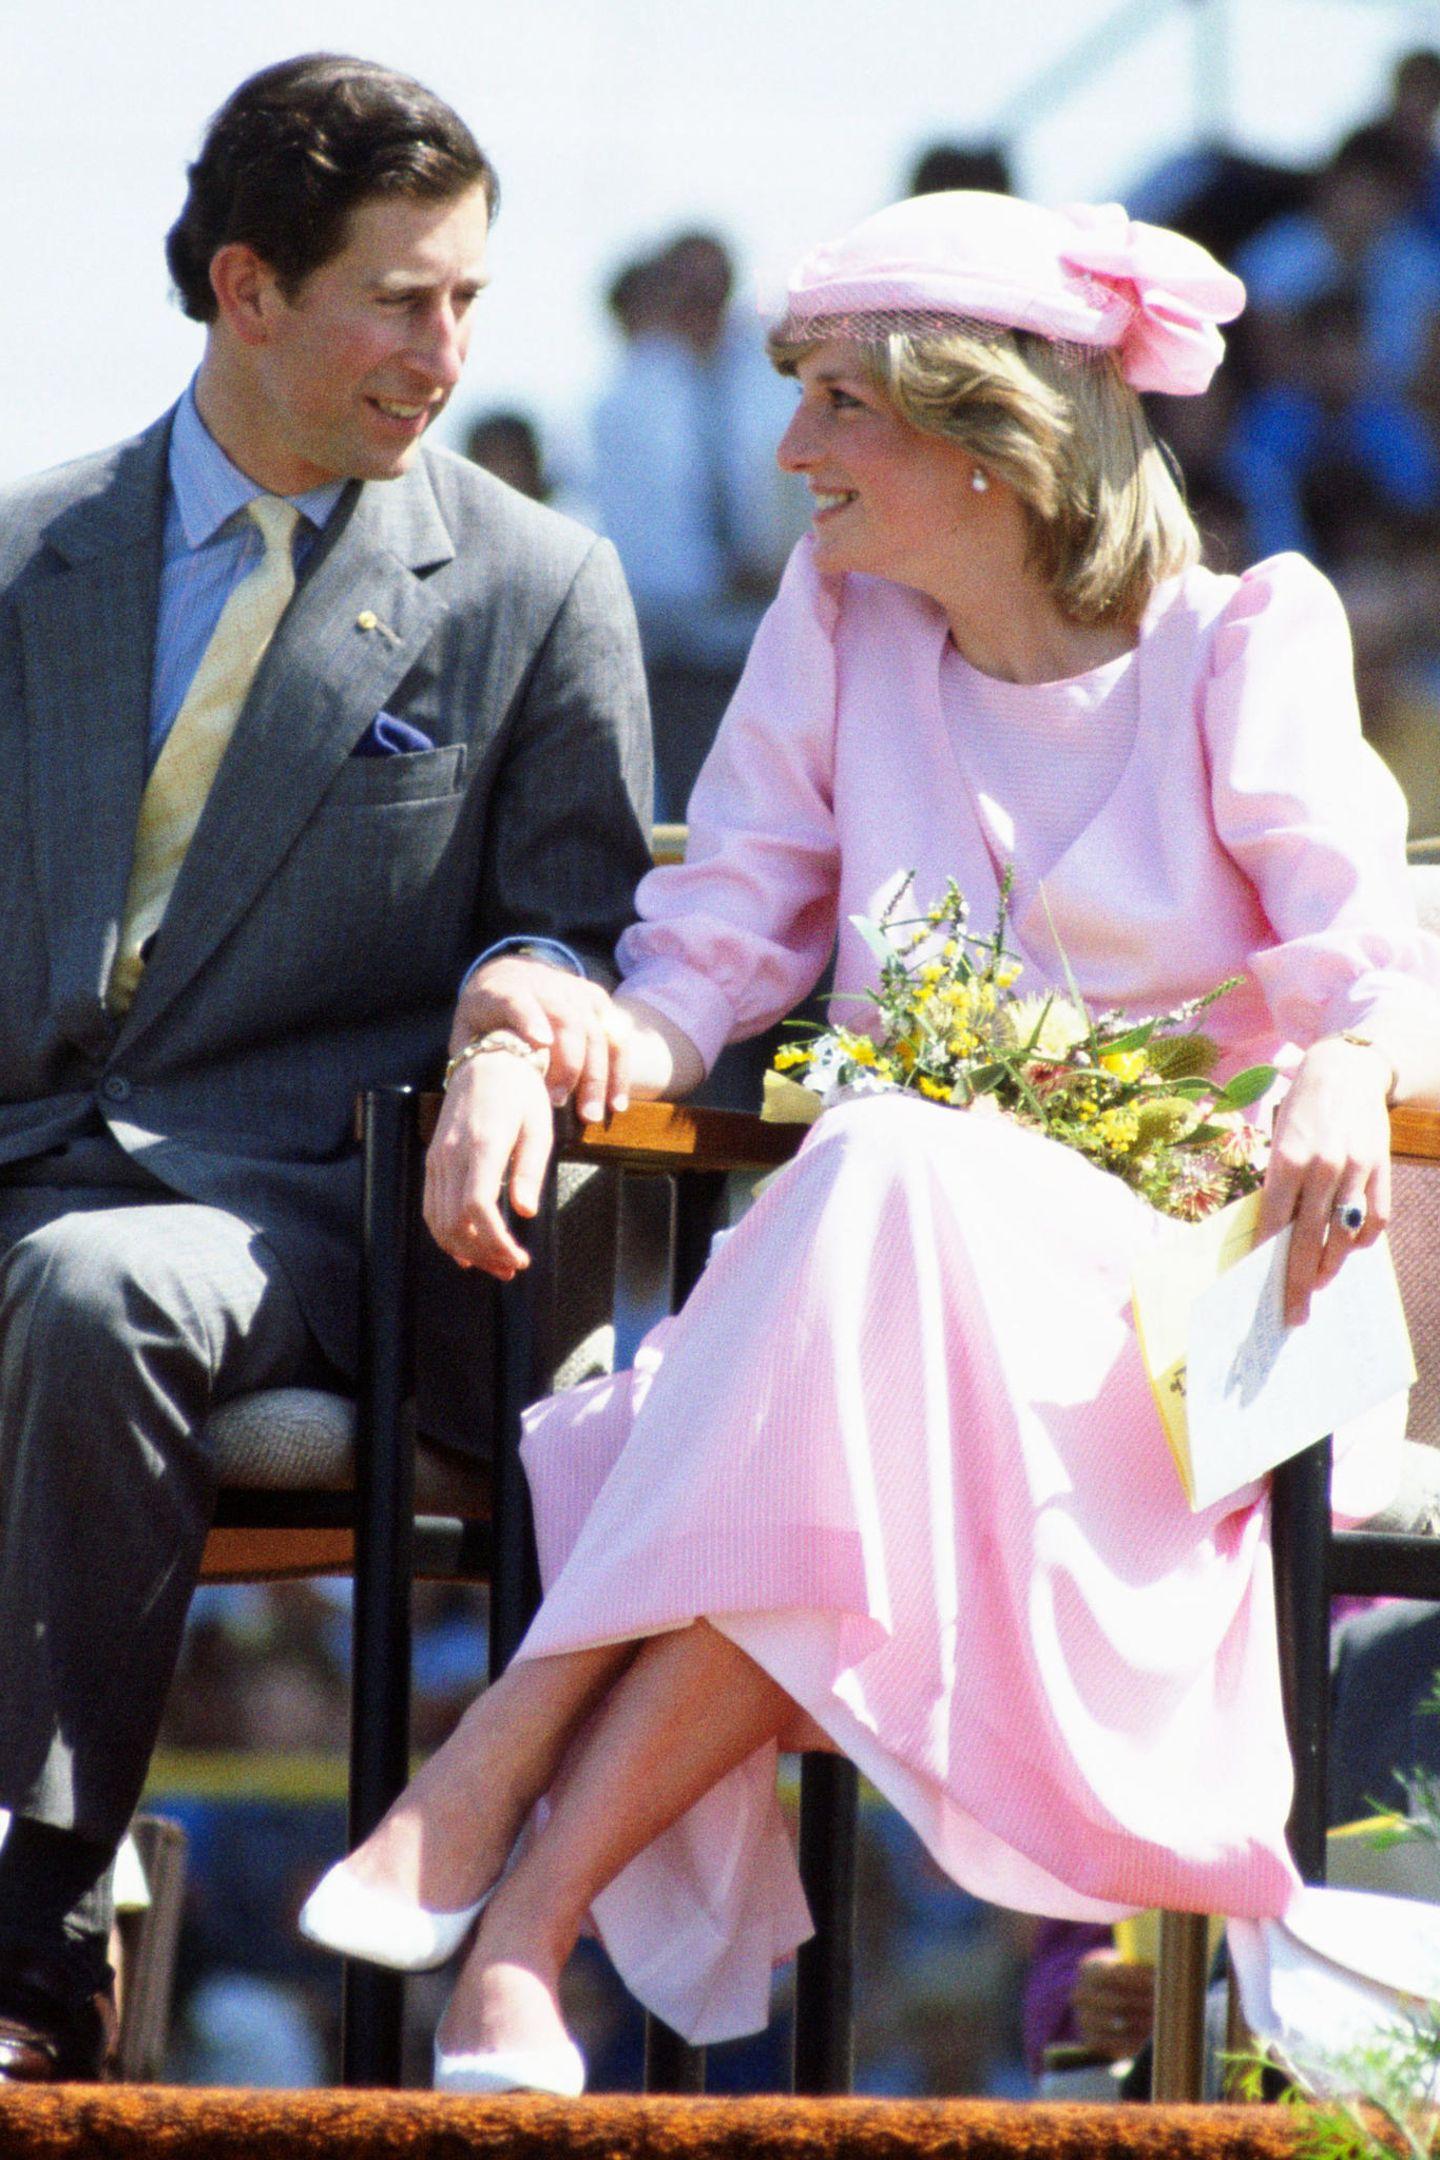 Ein wenig traurig, aber im roséfarbenen Ensemble ganz bezaubernd, war Diana 1983 auf Staatsbesuch in Australien zu bewundern.